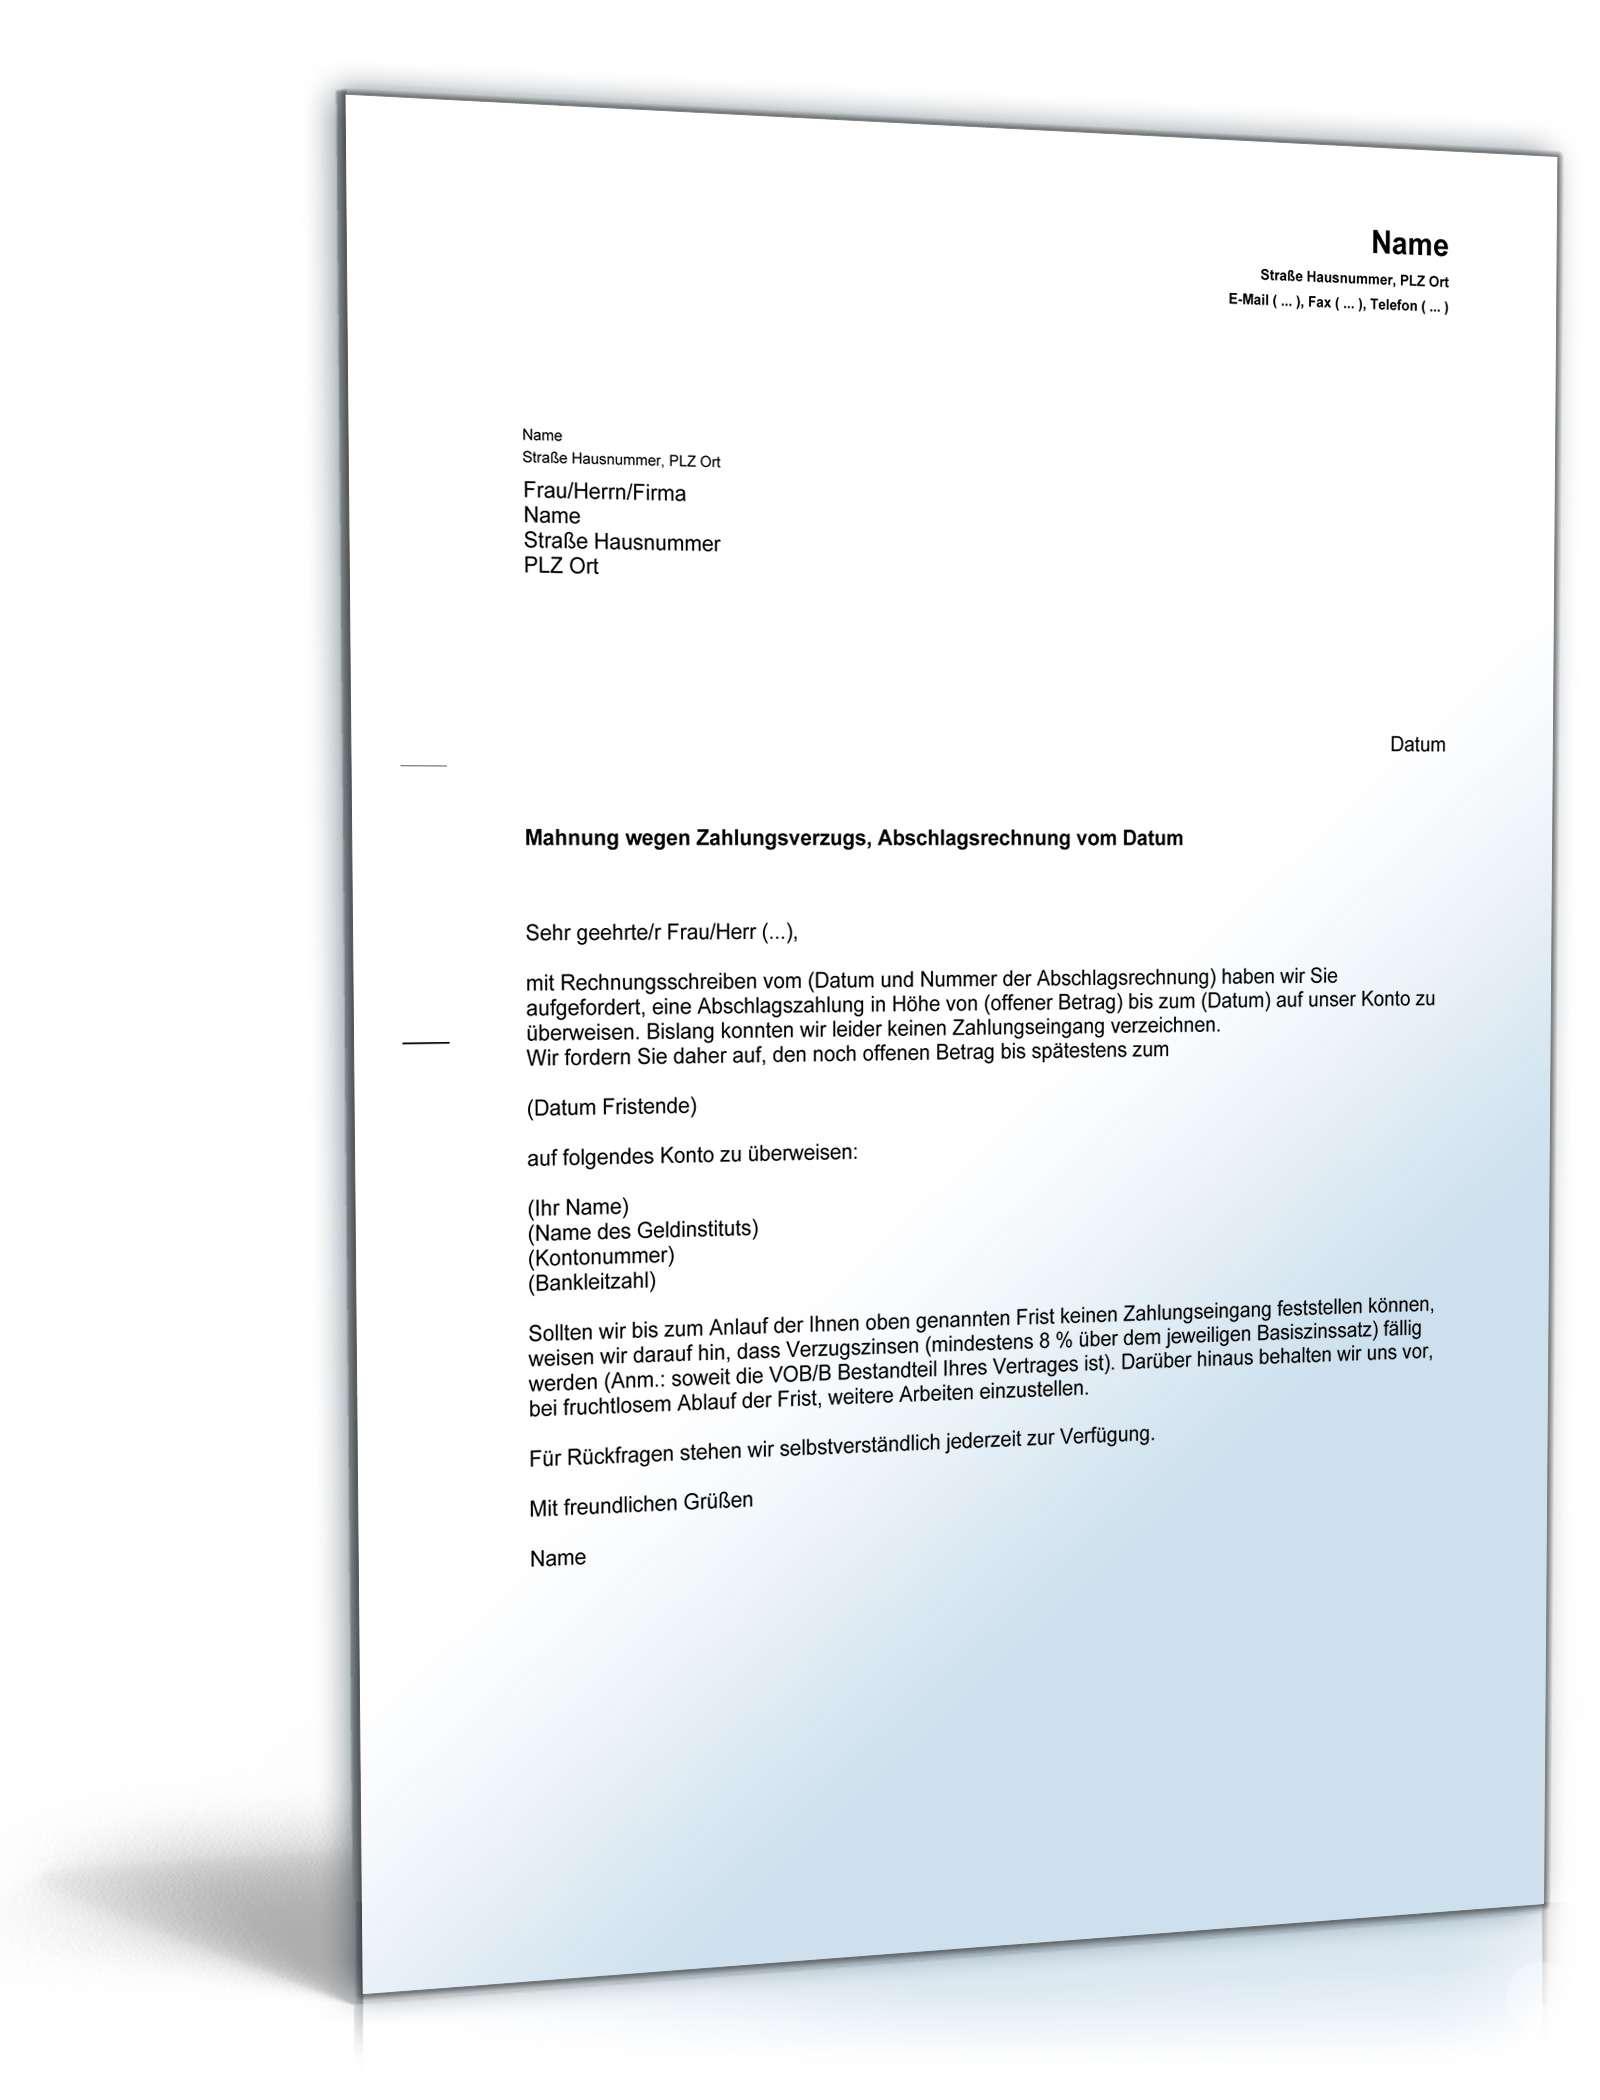 Musterbriefe Vob Kostenlos : Mahnung zahlungsverzug verpflichtung abschlagszahlung